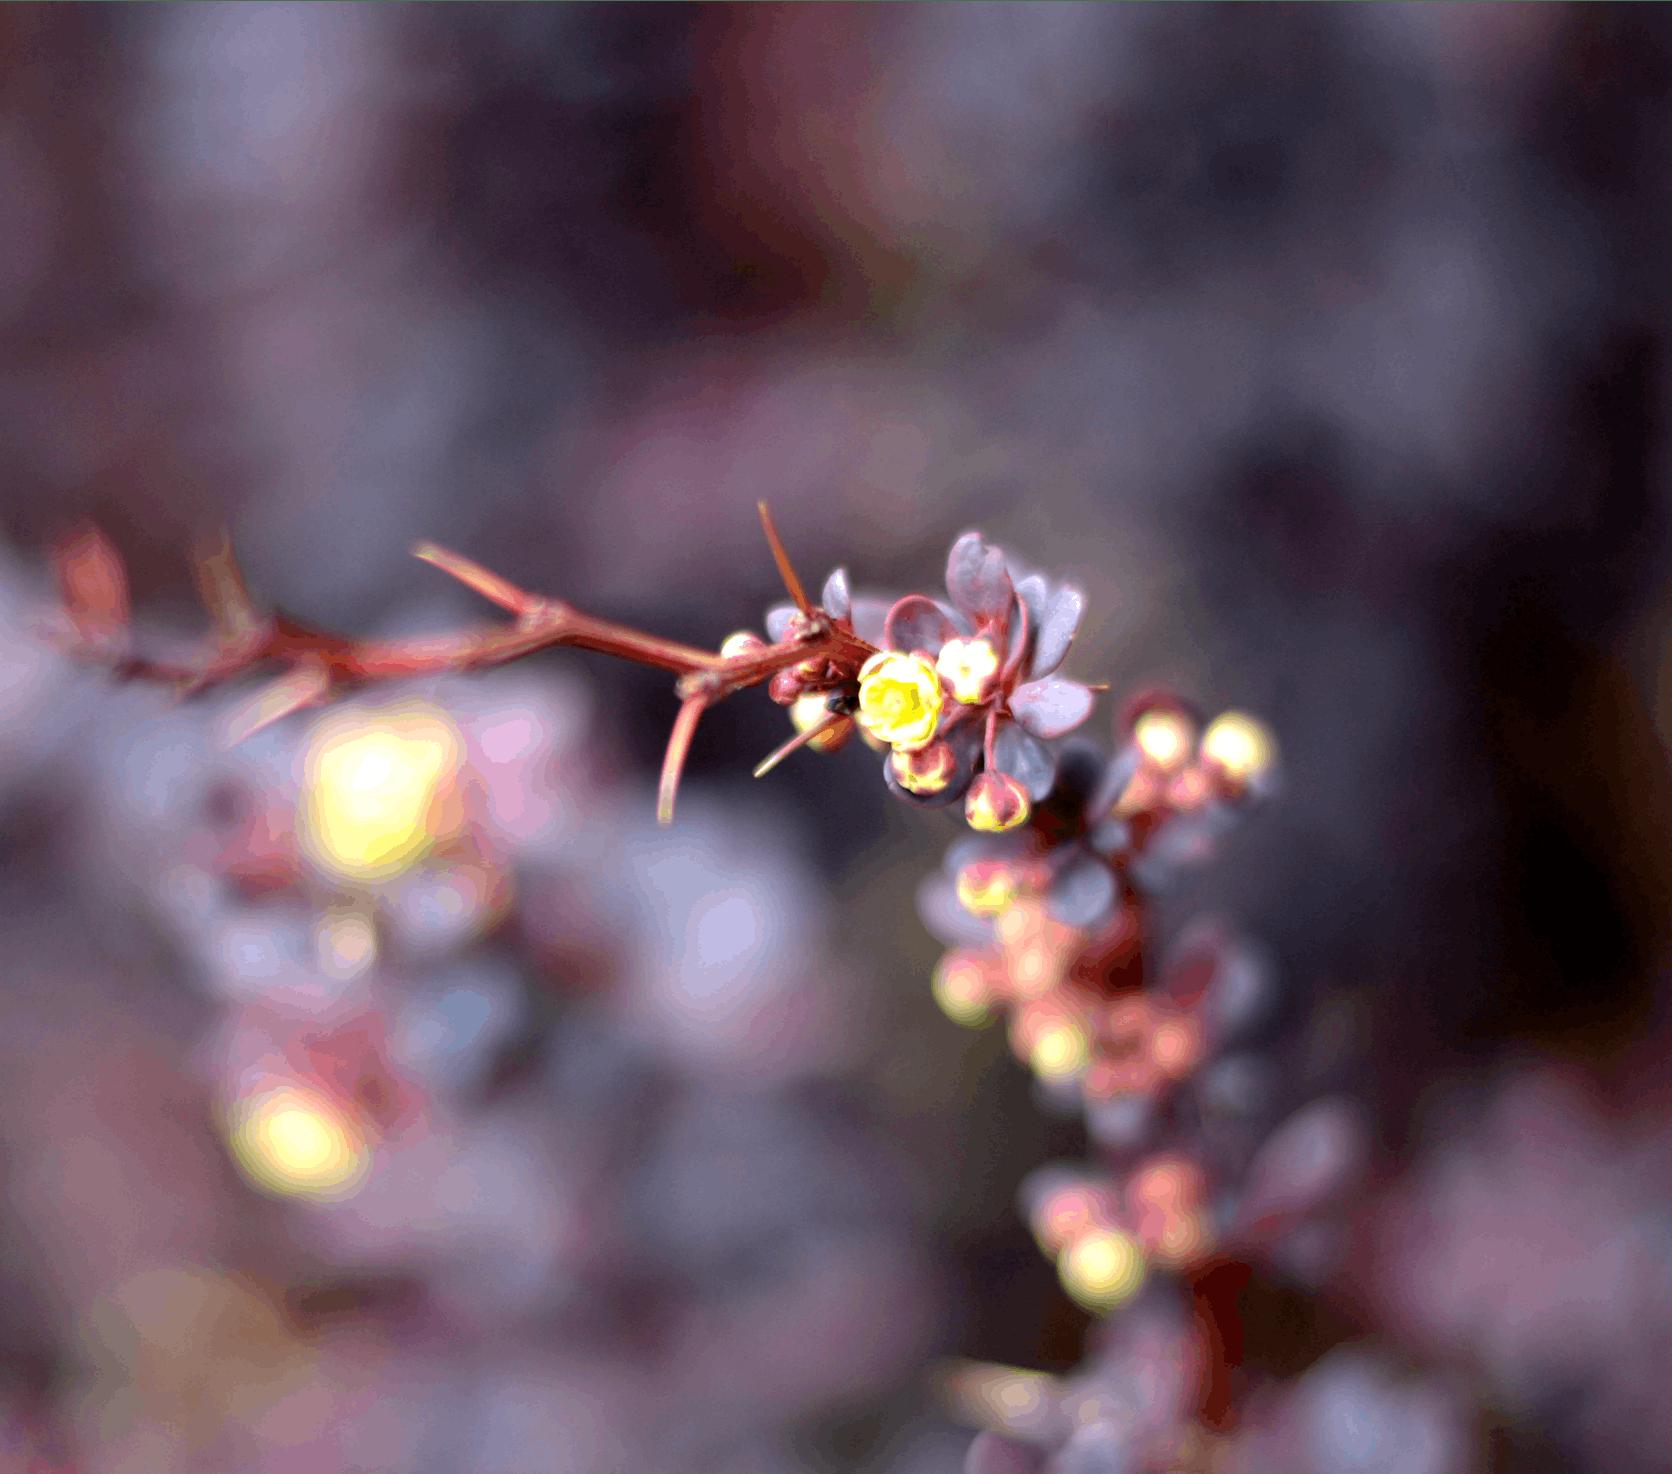 Free stock photo of light, red, dark, bush